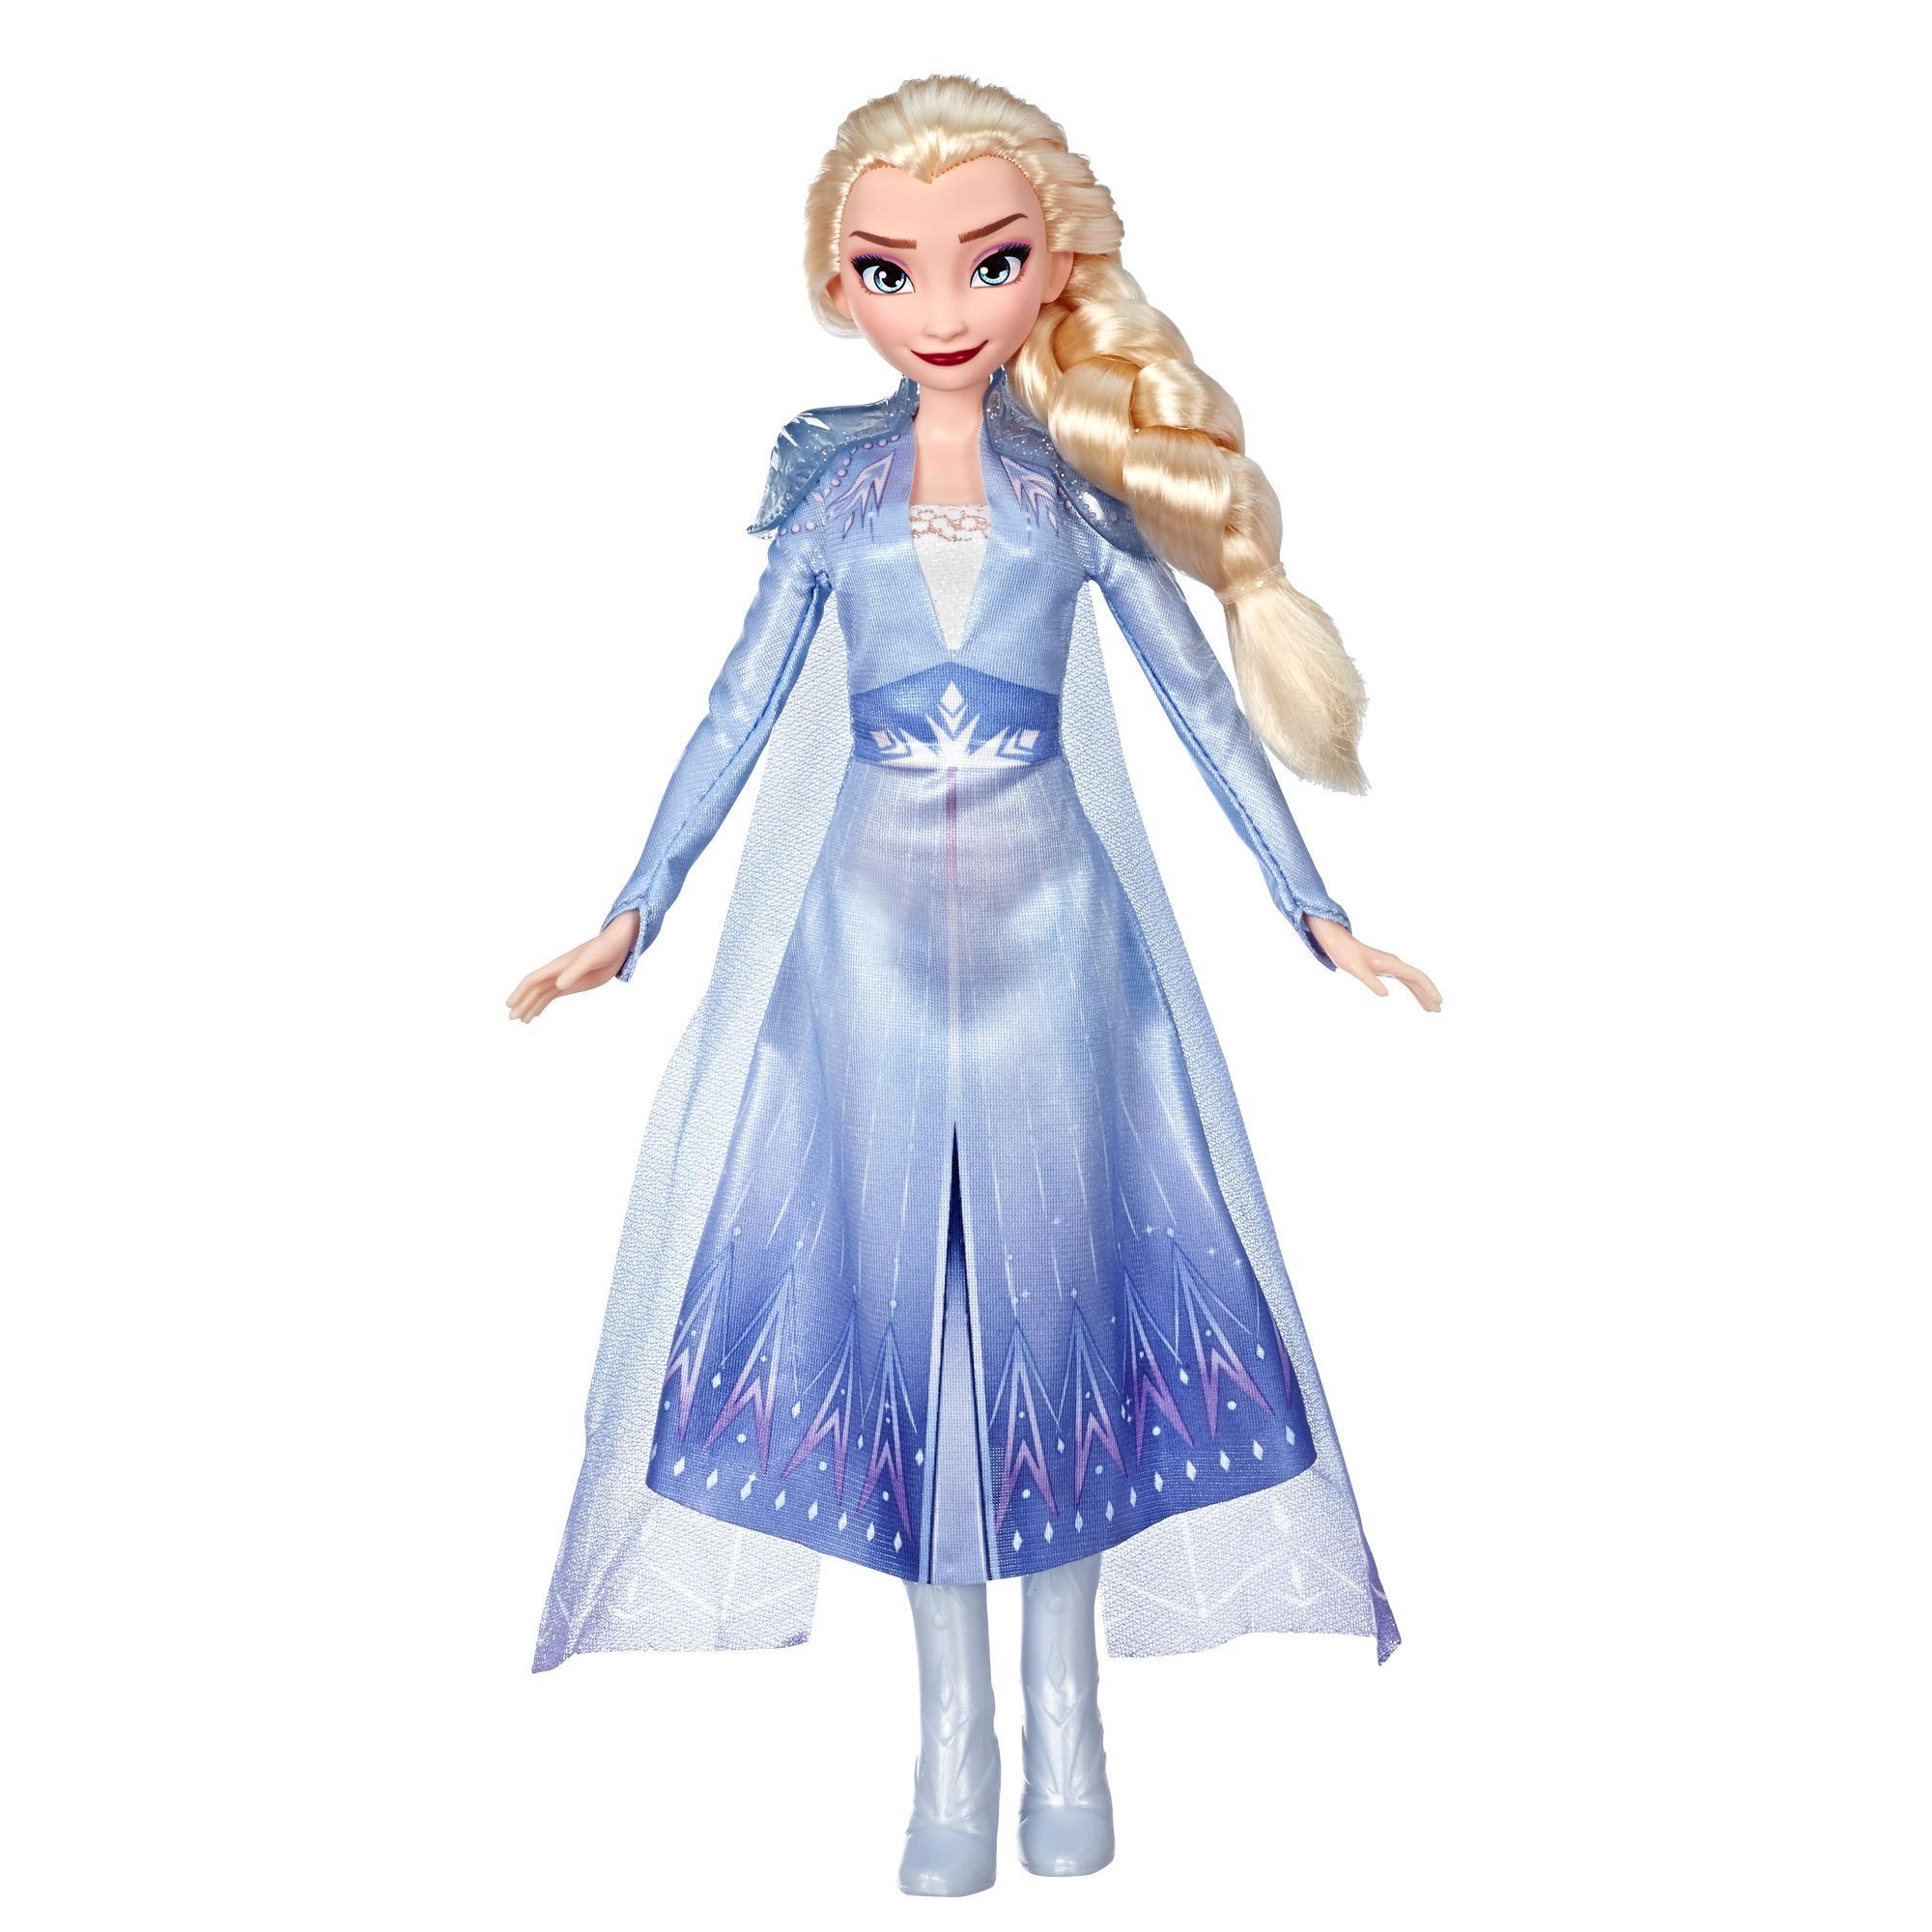 Disney Frozen - Muñeca de Elsa con cabello largo y rubio y vestimenta azul, inspirada en la película Frozen 2 - Juguete para niños y niñas de 3 años en adelante